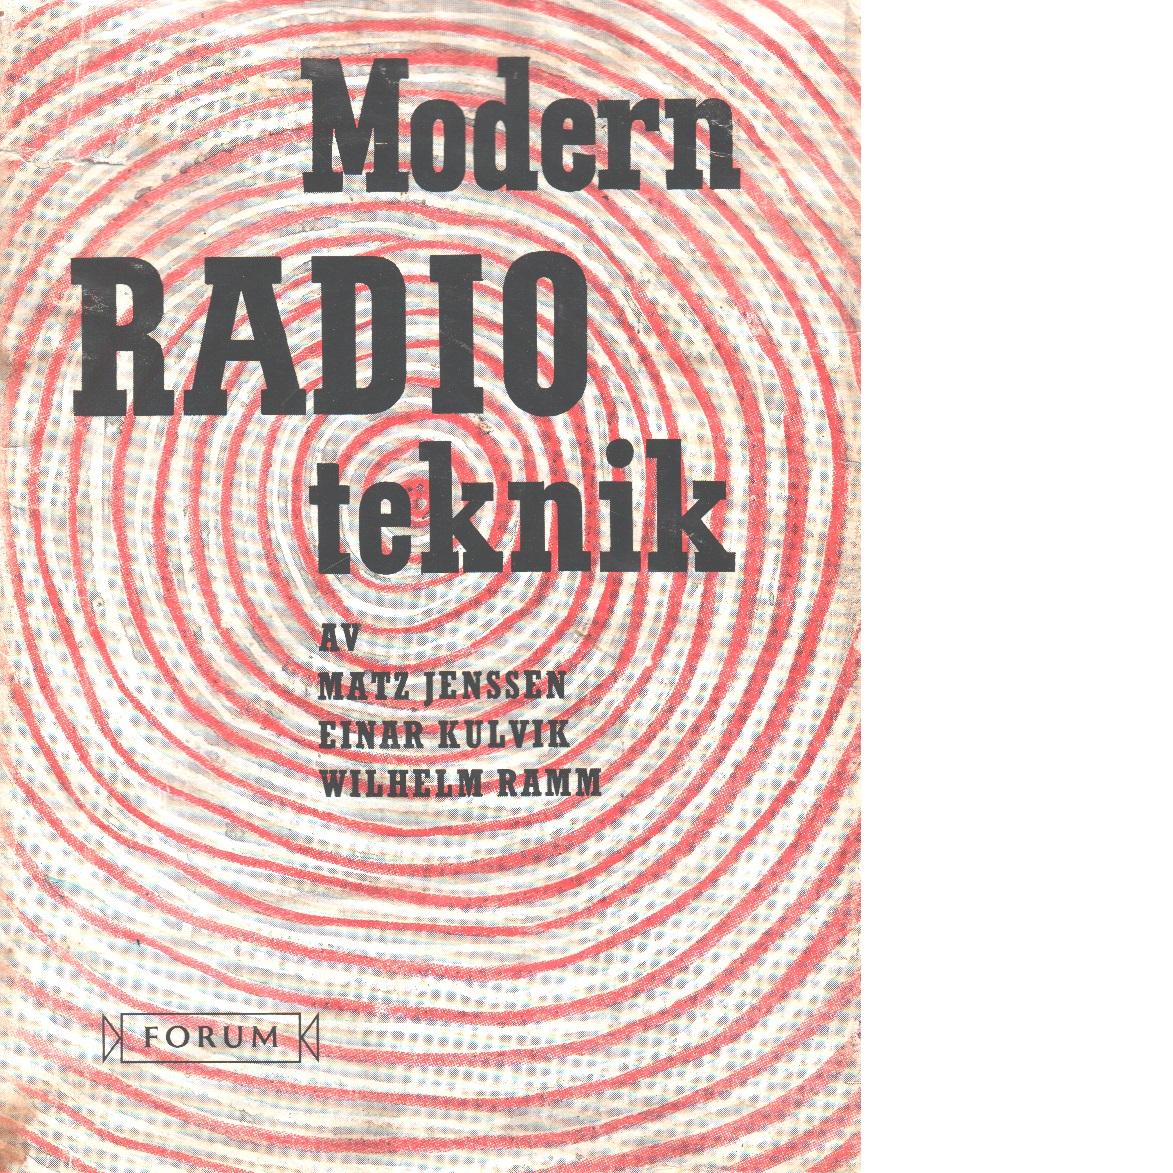 Modern radioteknik - Jenssen, Matz  och  Kulvik, Einar  samt Ramm, Wilhelm